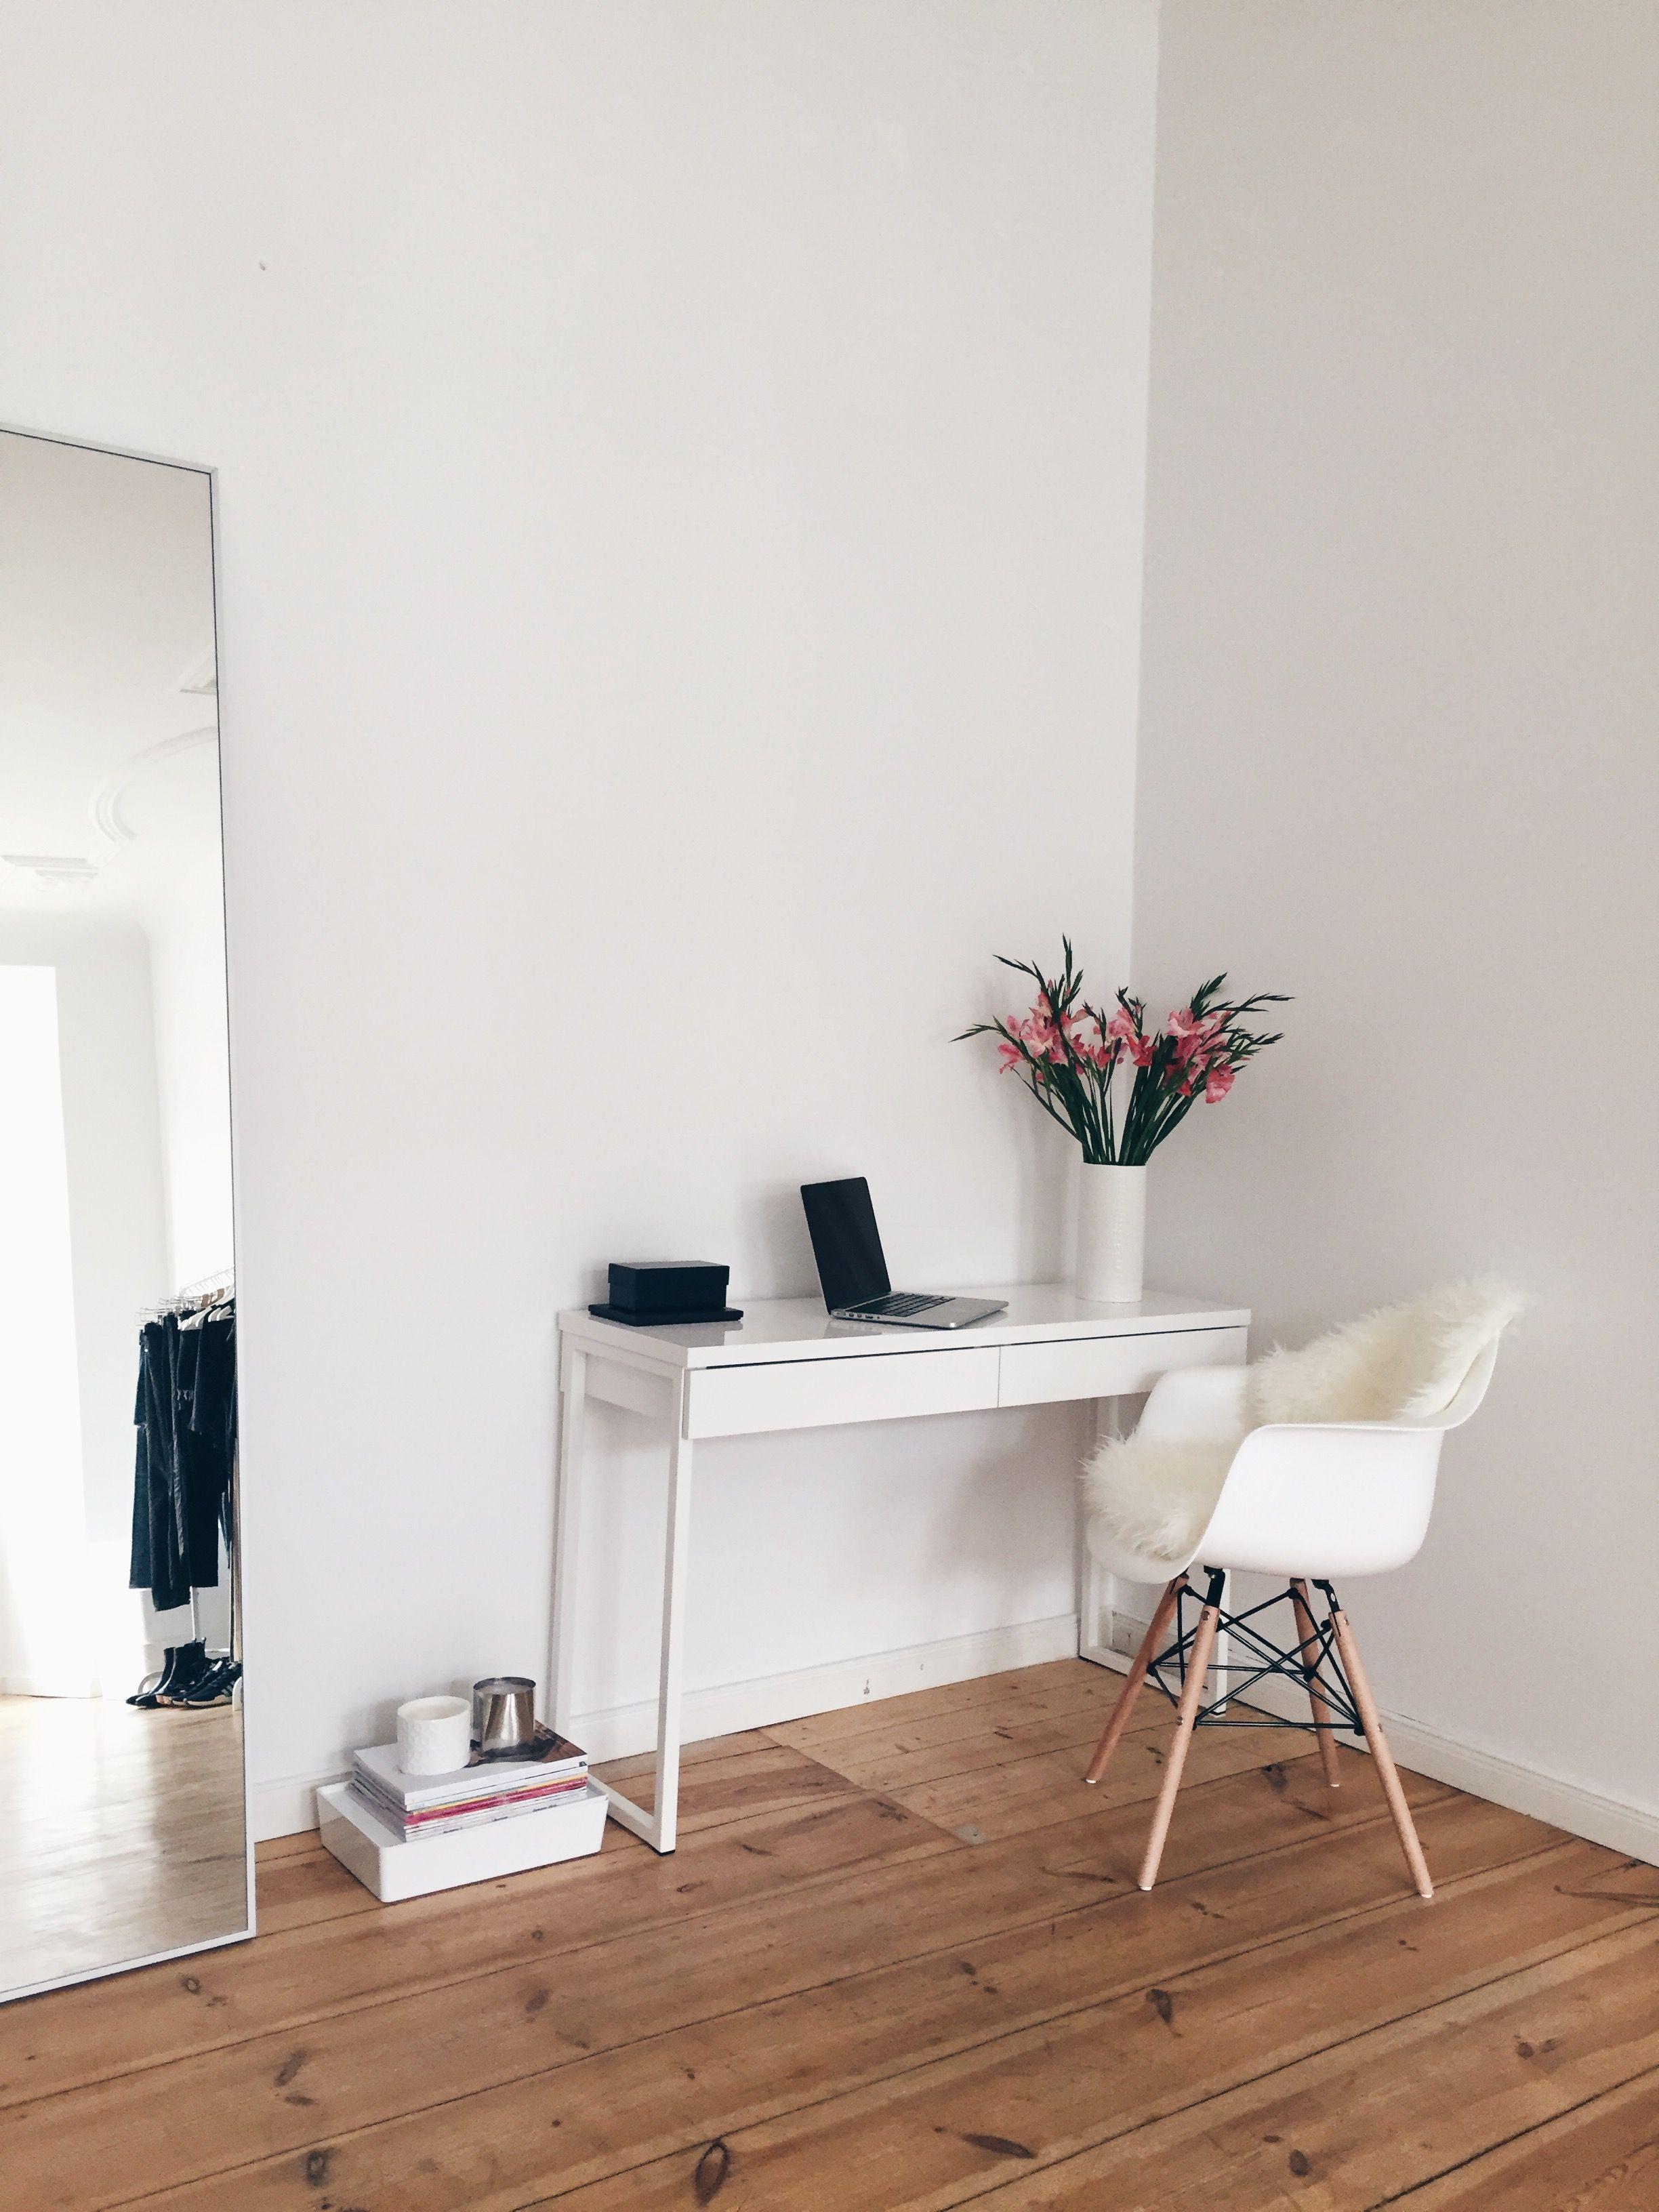 Slow Sunday // Julia Janes Neues Zuhause: Ich kann in 15 Minuten ...